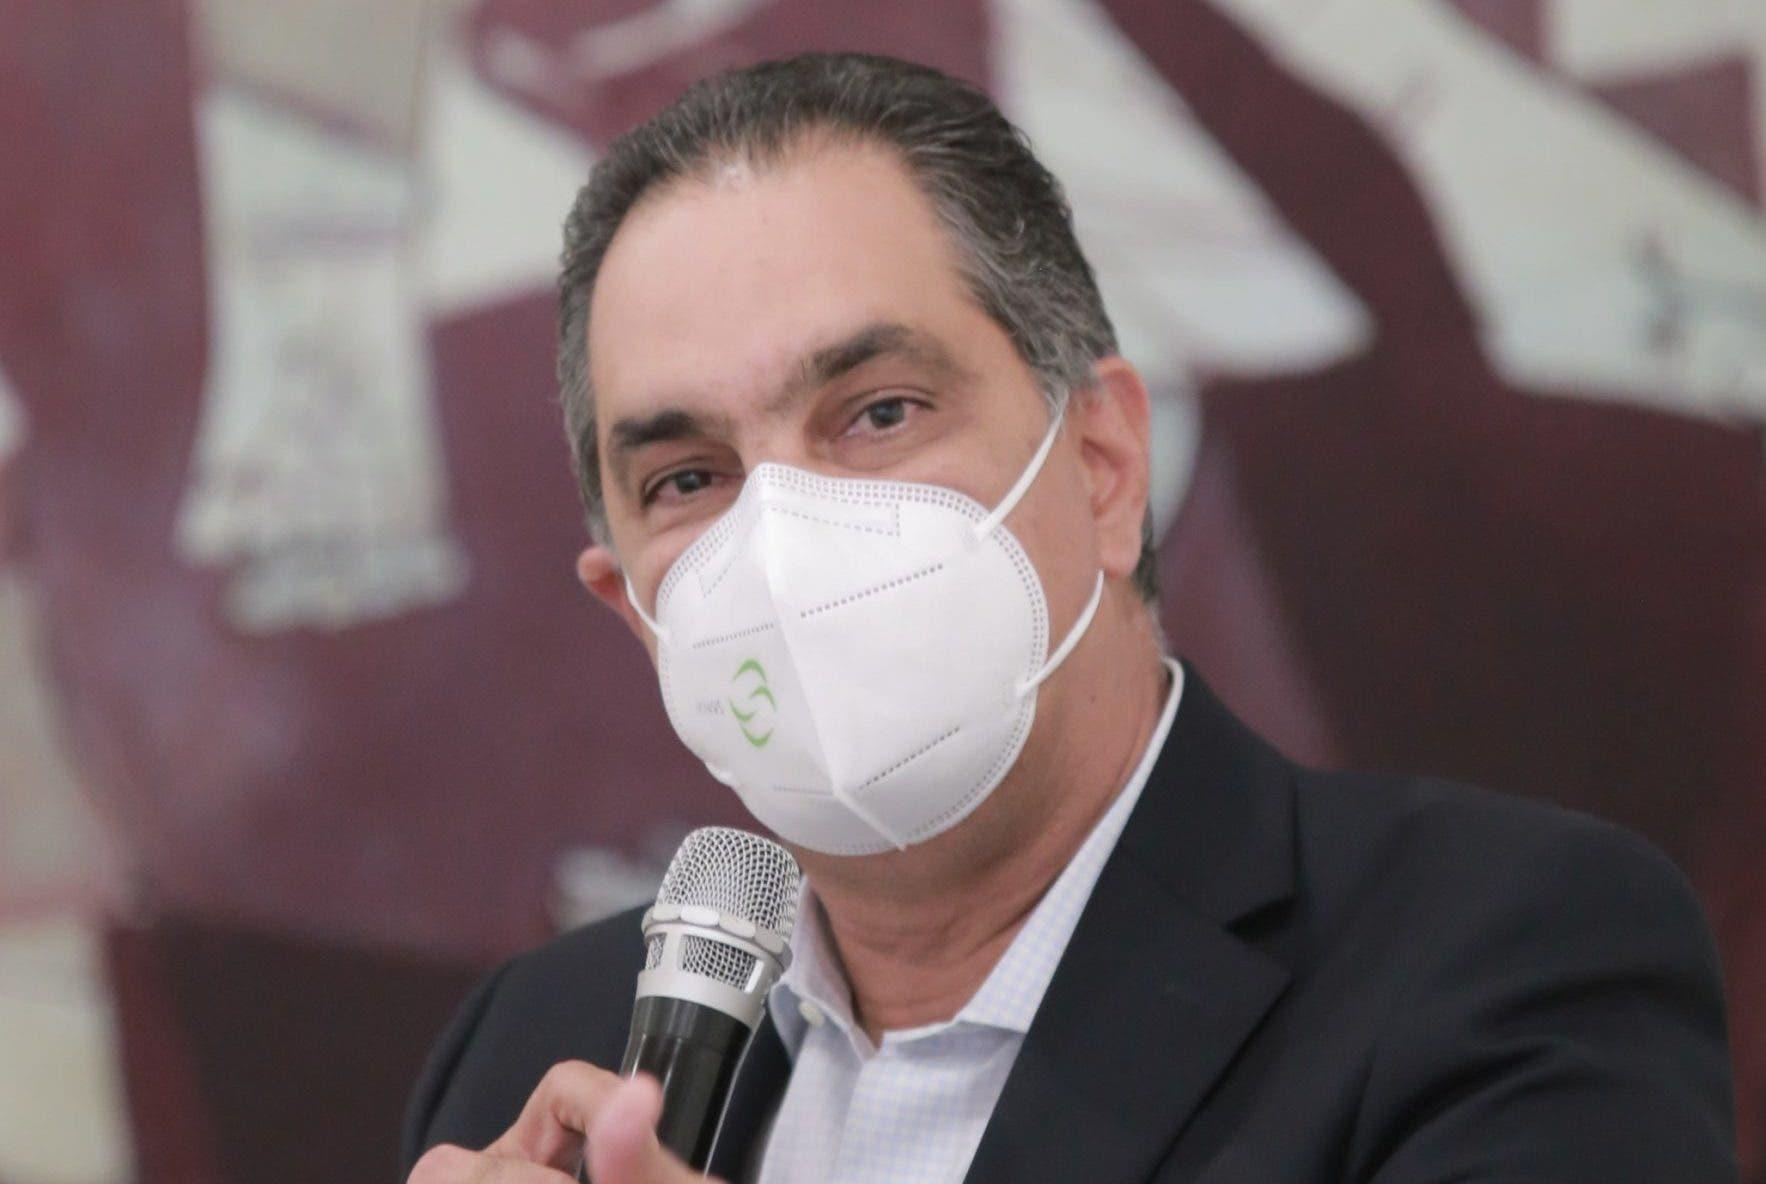 Santiago Hazim asegura el sistema de salud será un orgullo luego de pandemia